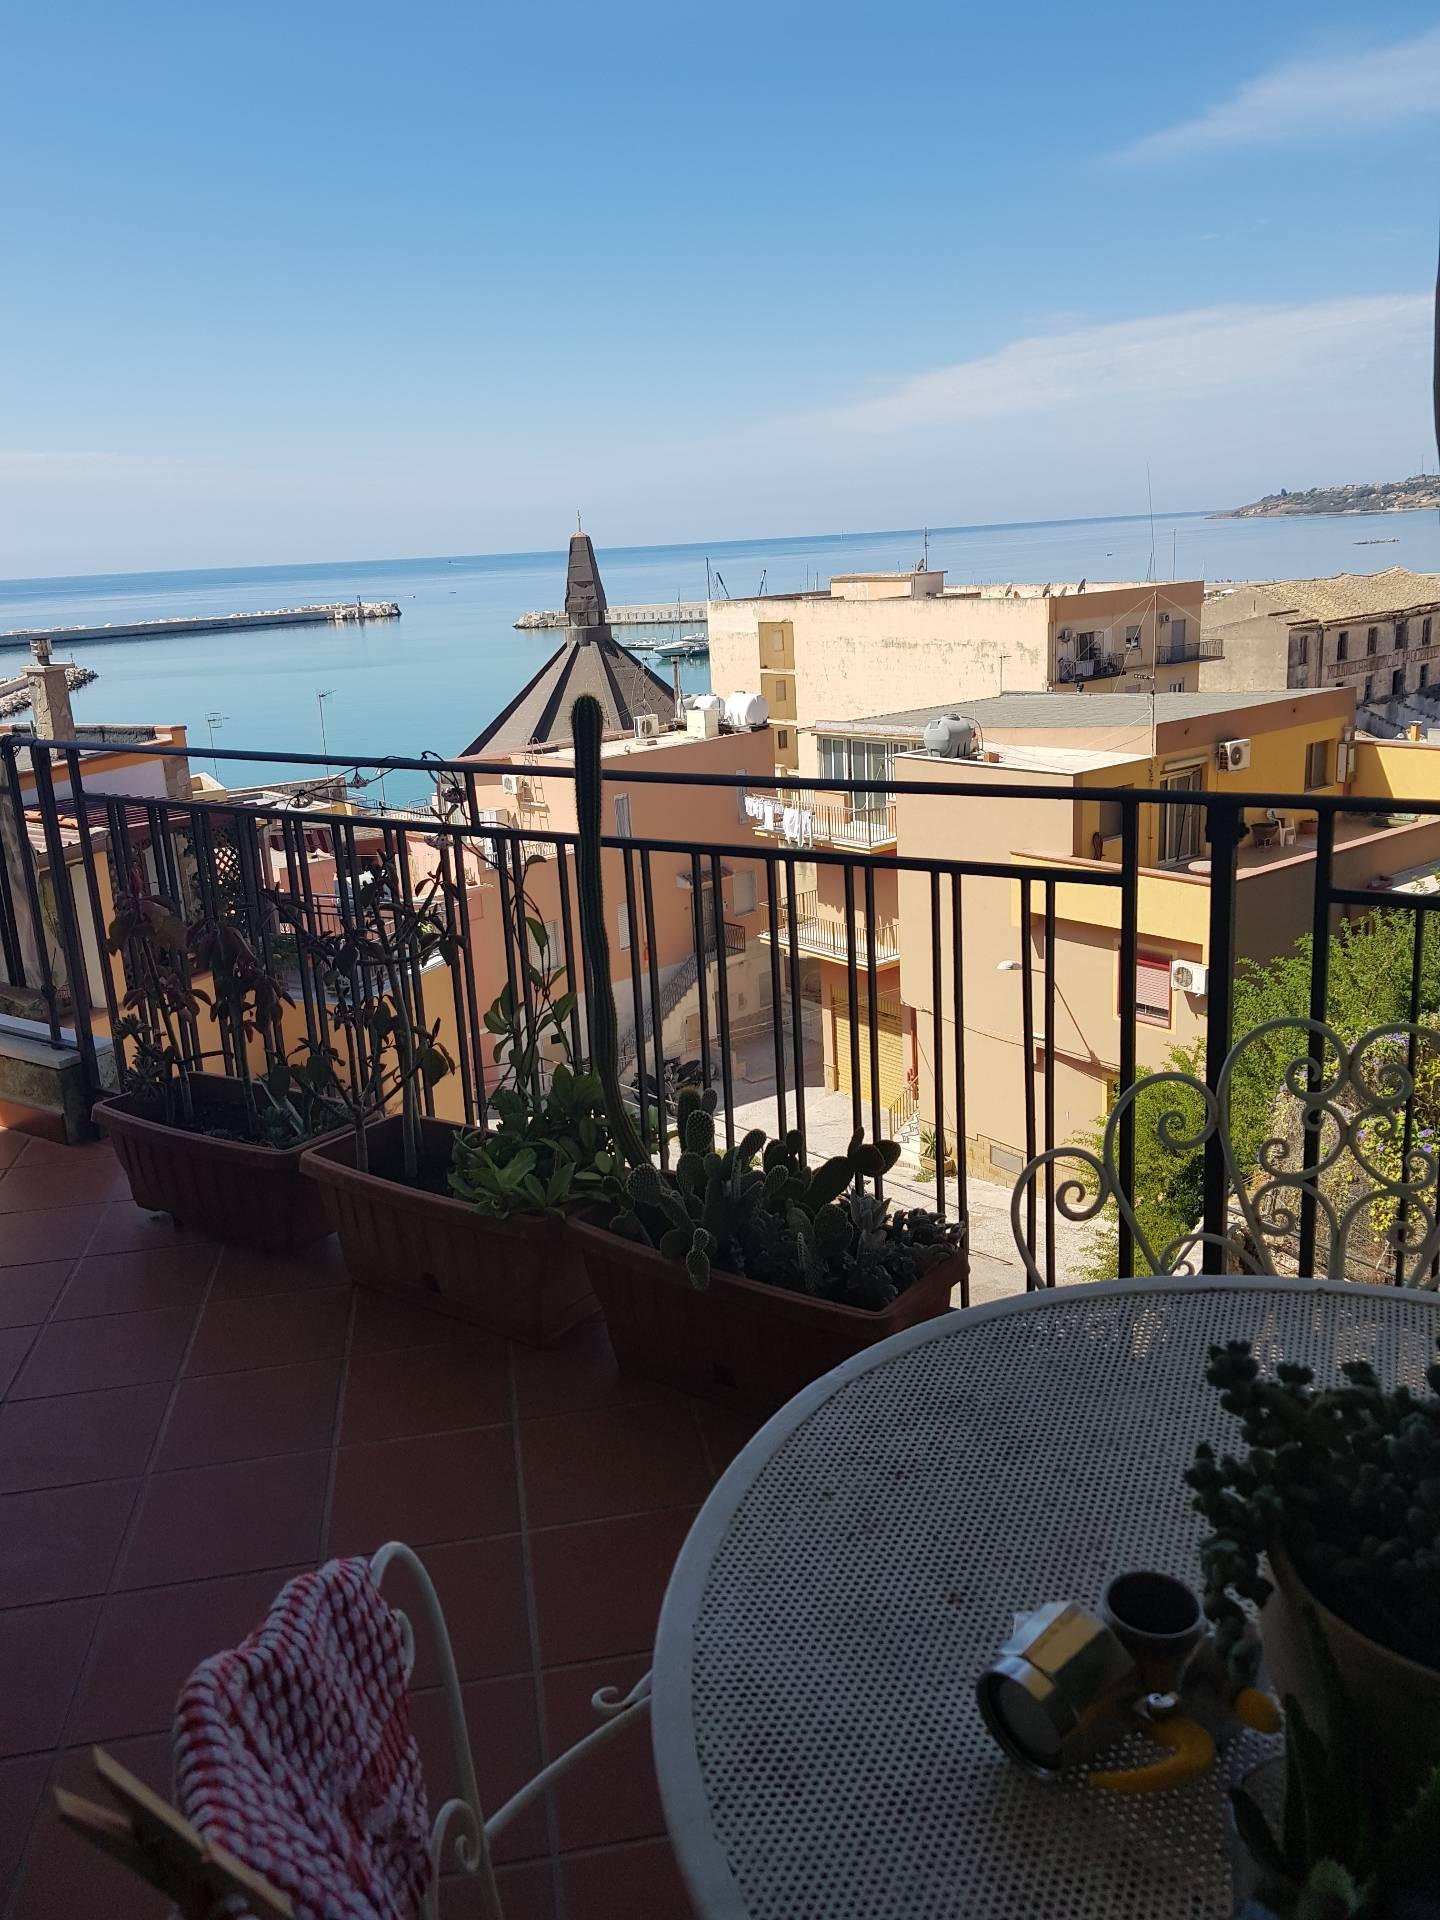 Appartamento in vendita a Sciacca, 4 locali, zona Località: CentroStorico, prezzo € 139.000 | PortaleAgenzieImmobiliari.it